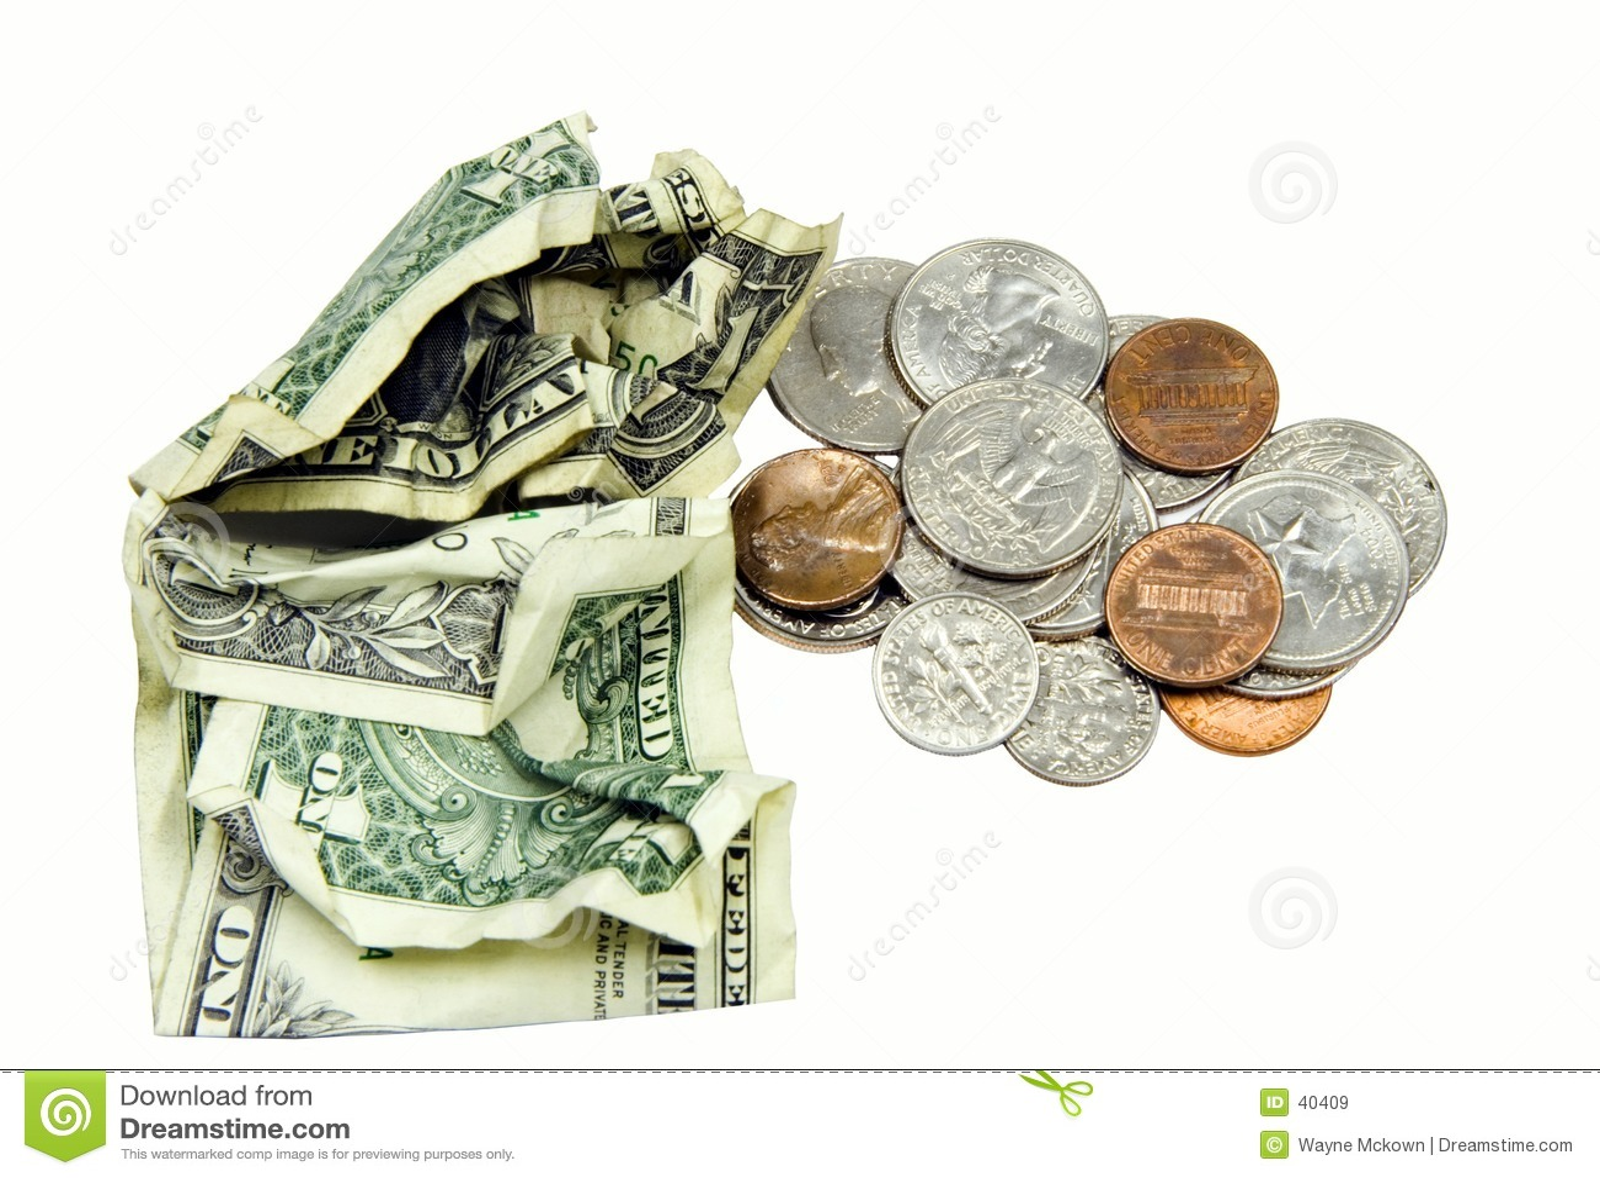 Pocket money.